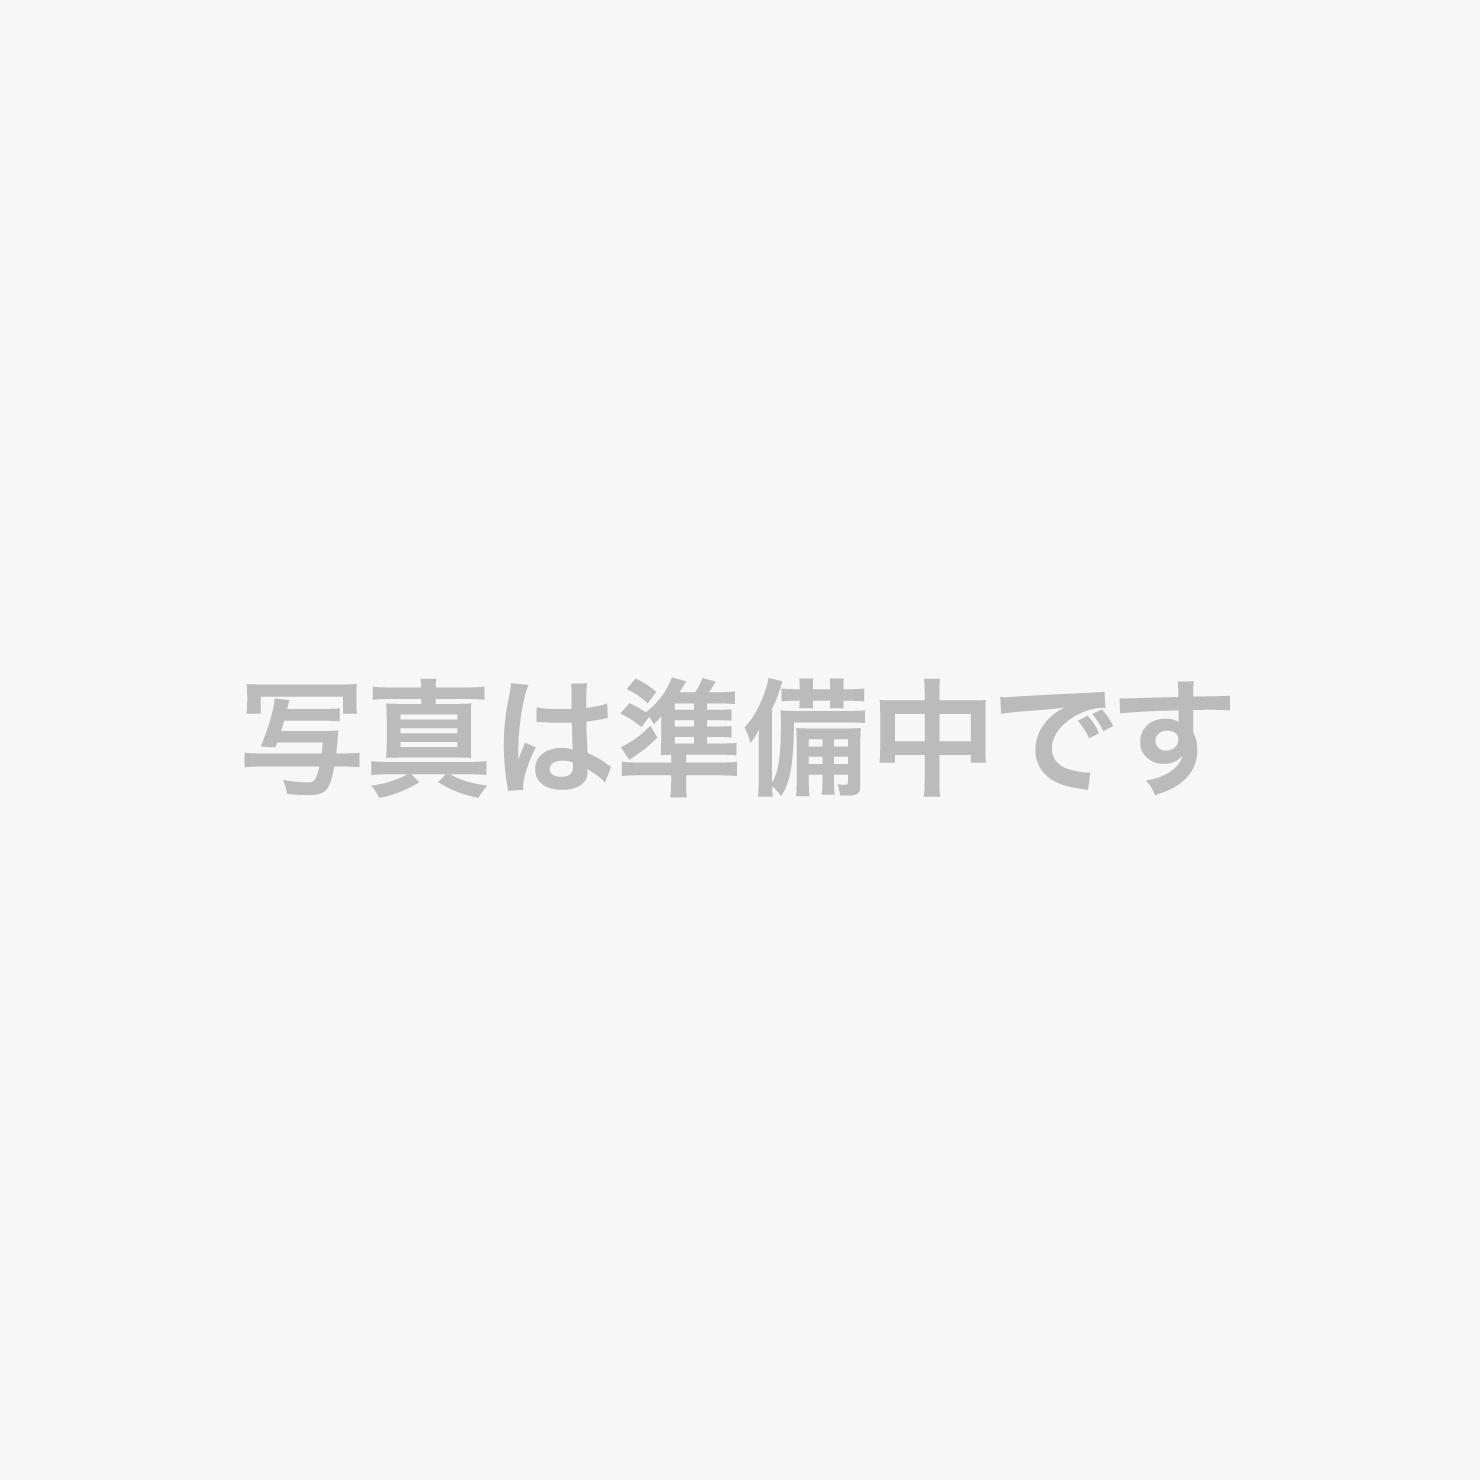 *【ギャラリー暖】群馬をこよなく愛した竹下夢二の作品や商品を多数ご用意。